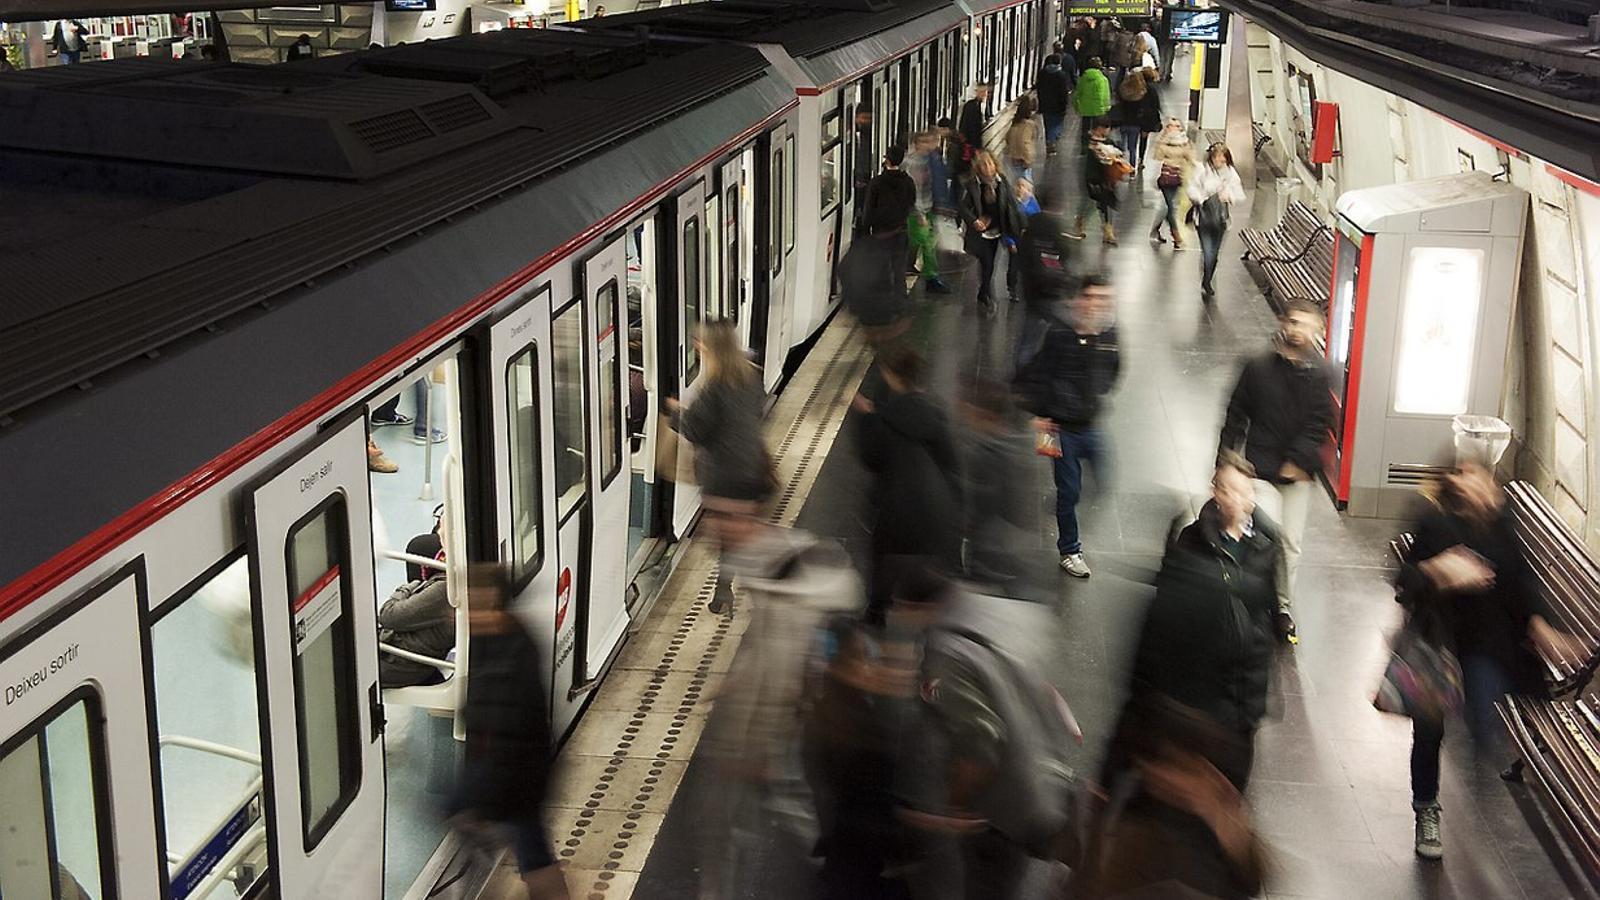 Les obres d'estiu a Barcelona tindran especial afectació al metro